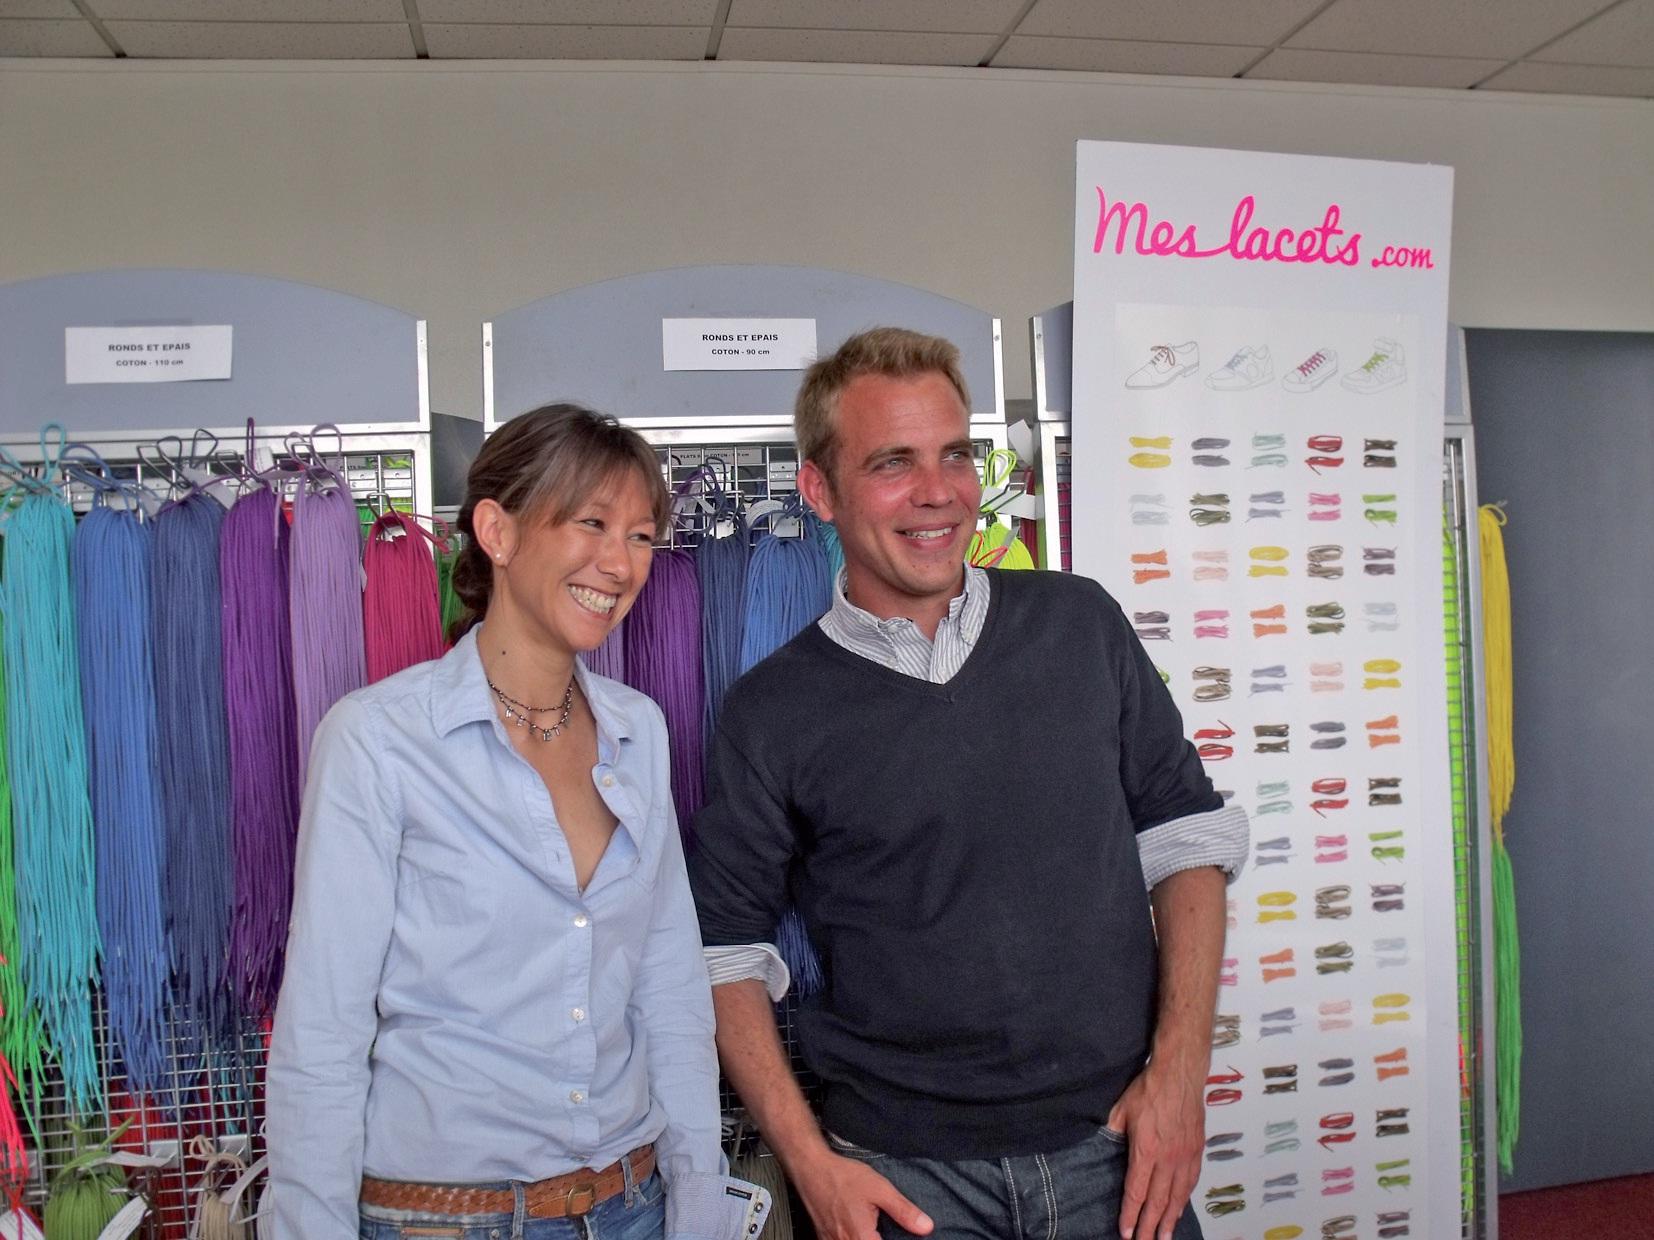 Caroline Chia, directrice de Meslacets.com, et Sylvain Bayet, directeur associé d'Open Resources.